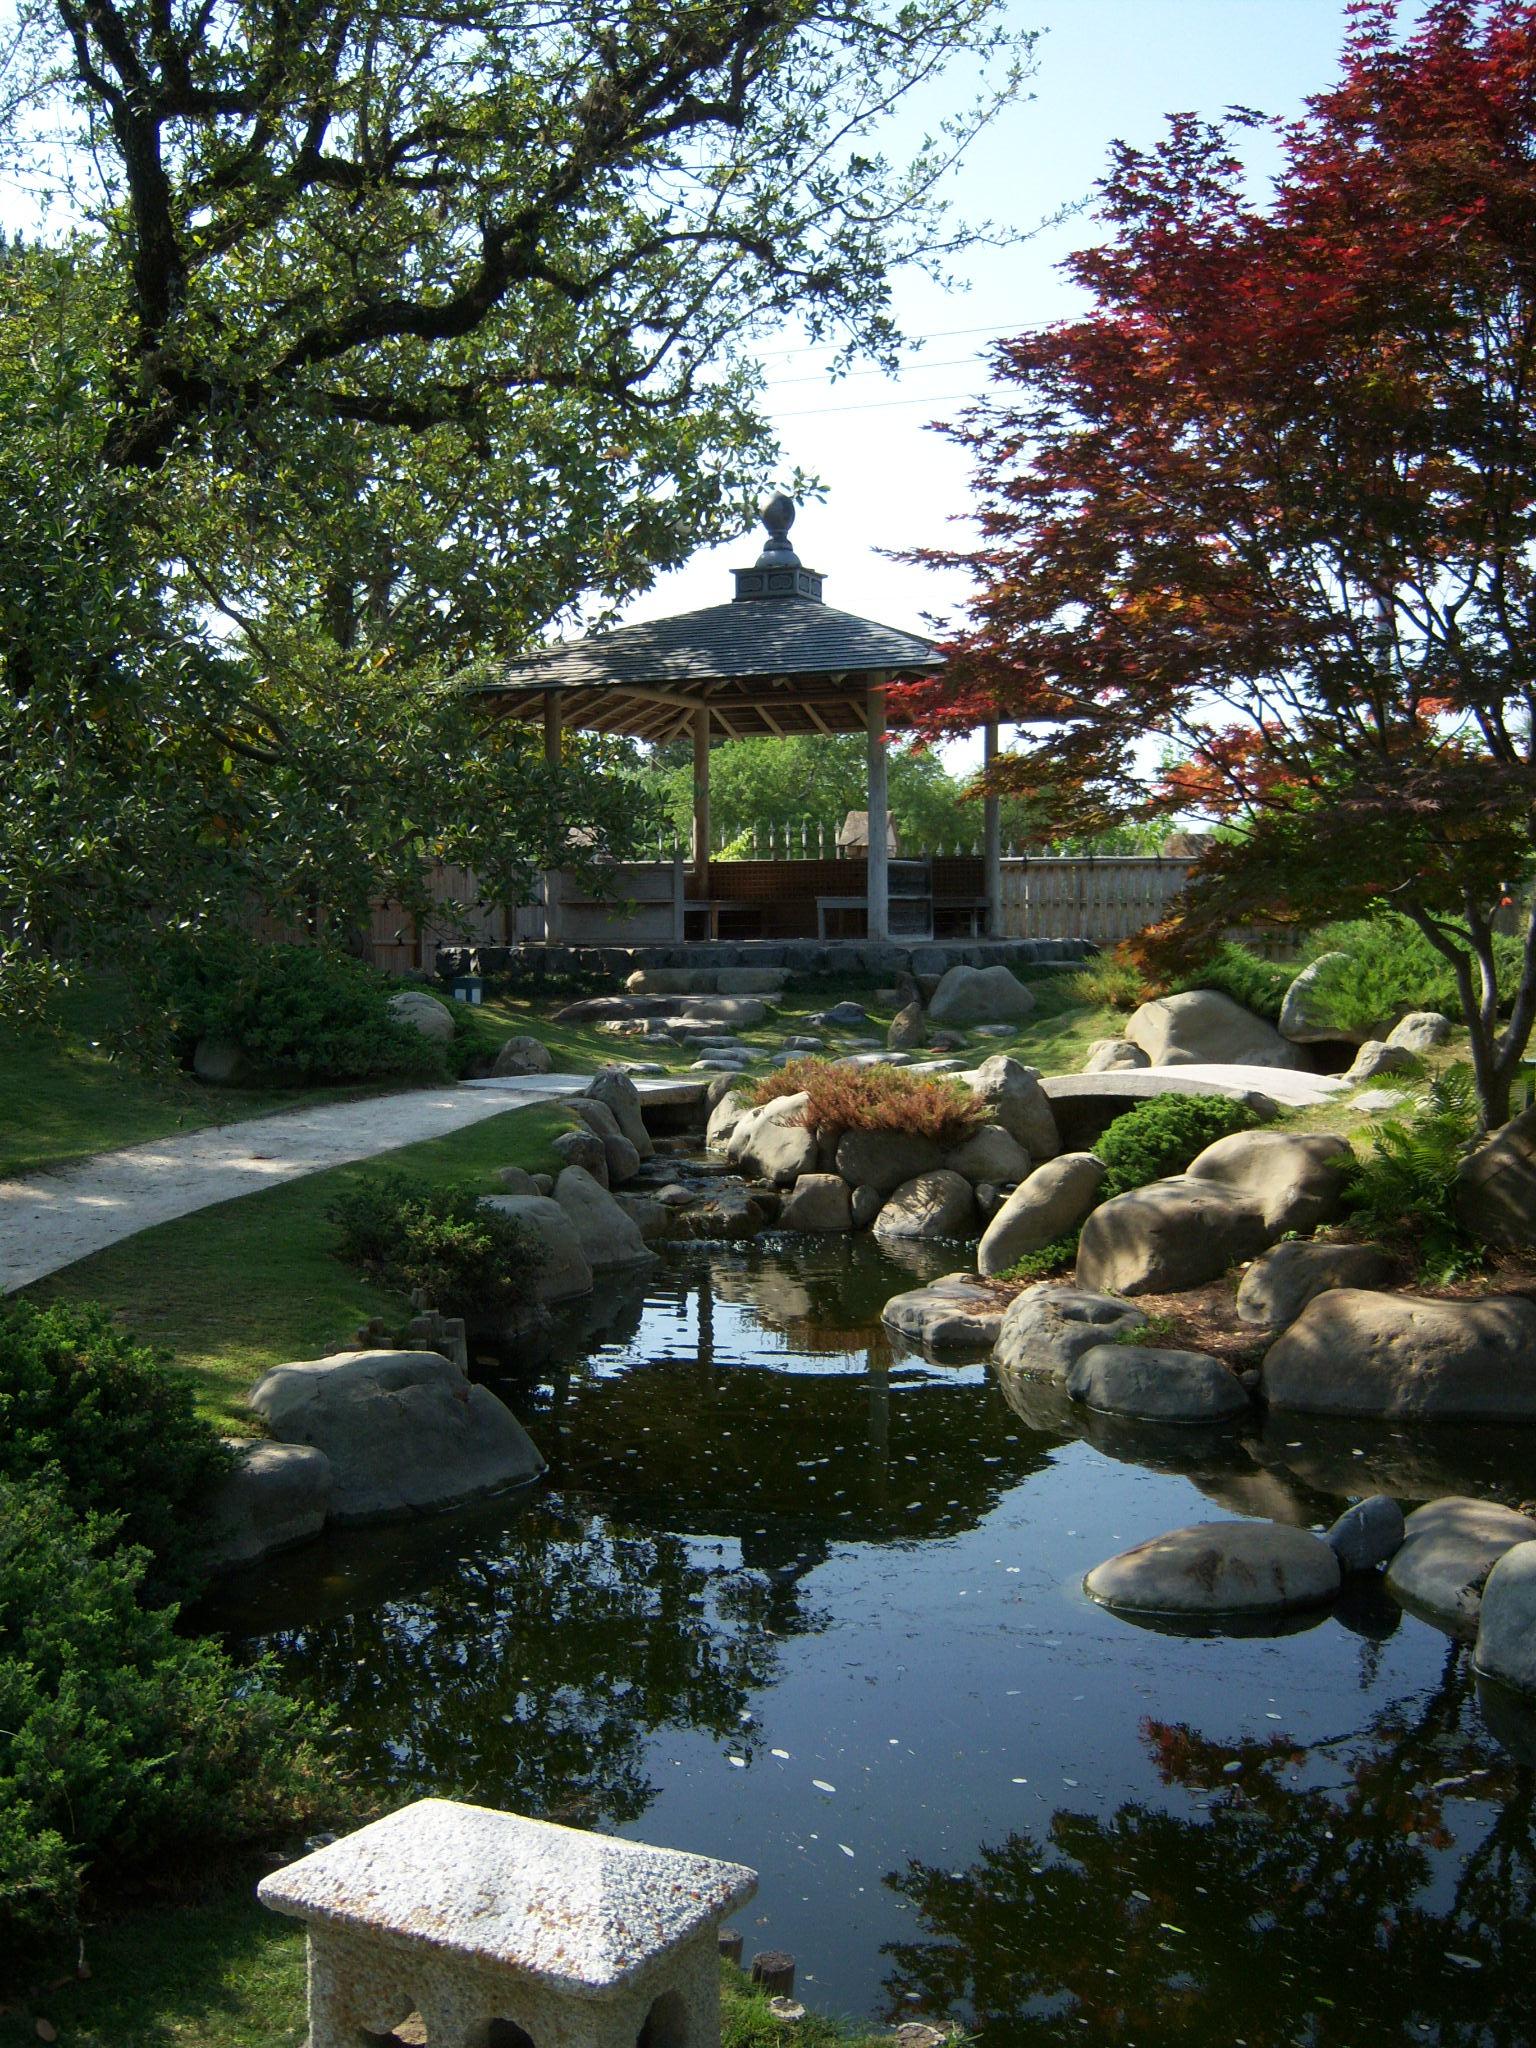 Japanese Garden at the San Antonio Botanical Garden